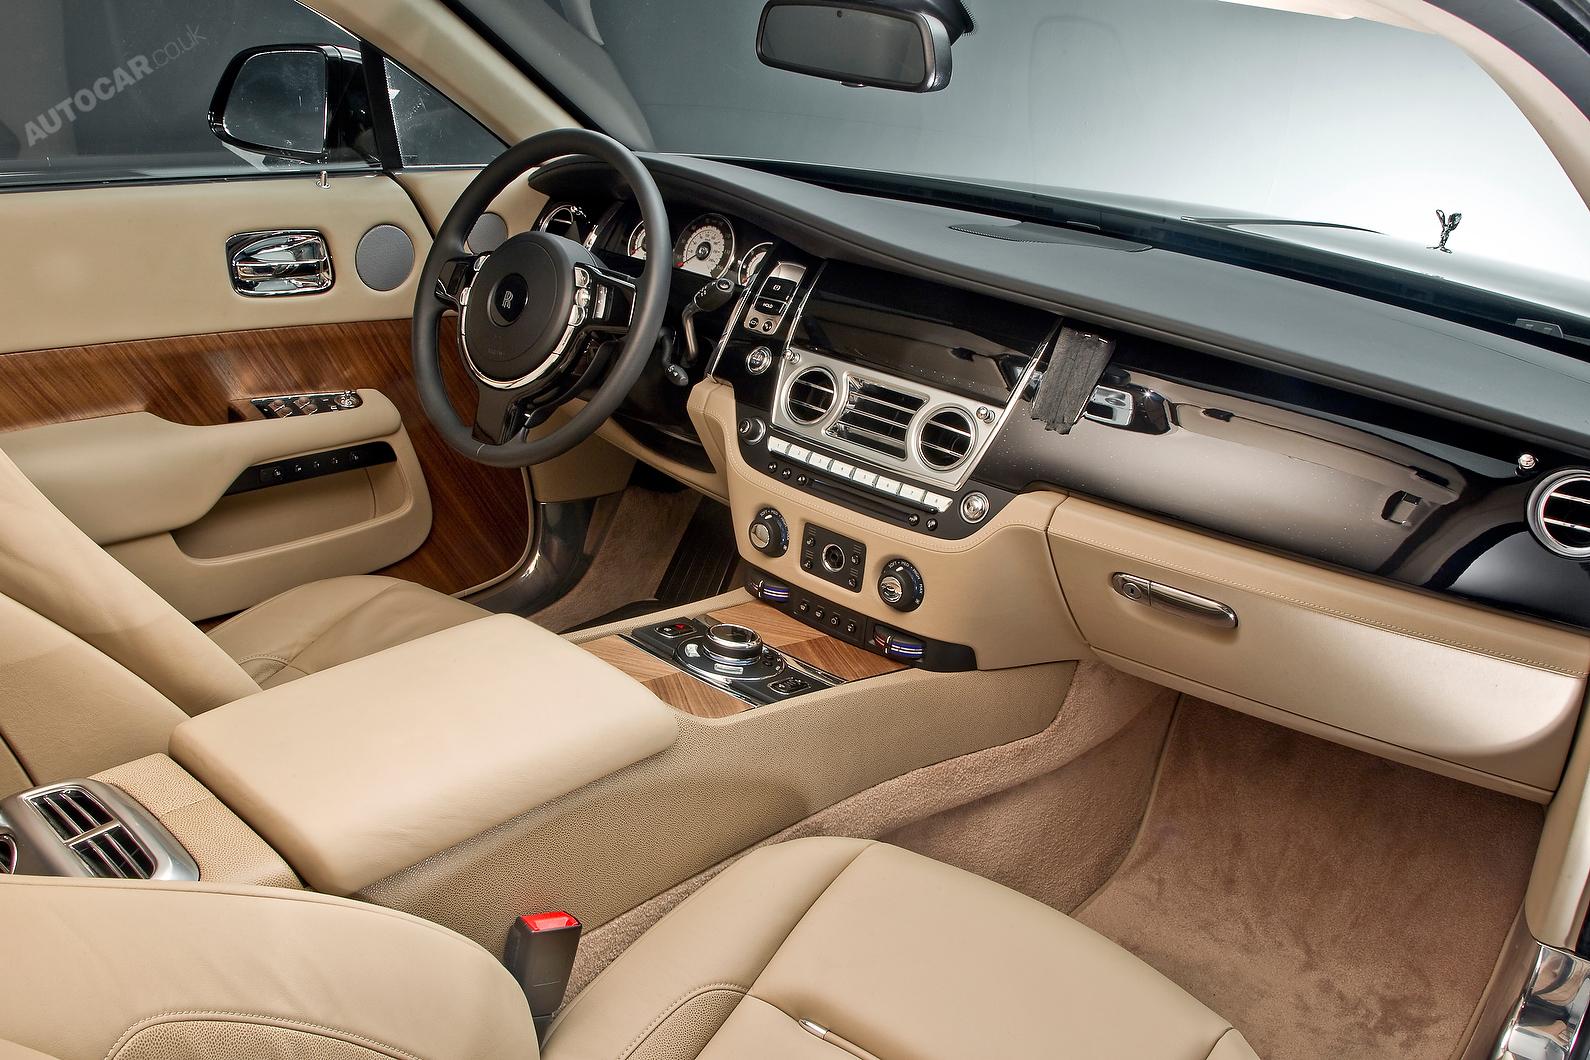 2013 - [Rolls Royce] Wraith - Page 4 Rolls-royce-wraith-20ddf